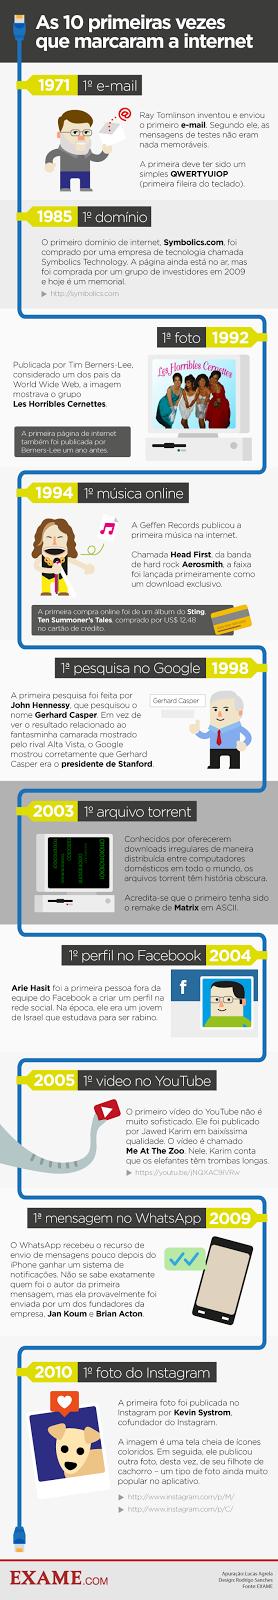 As 10 primeiras vezes que marcaram a história da internet Infográfico